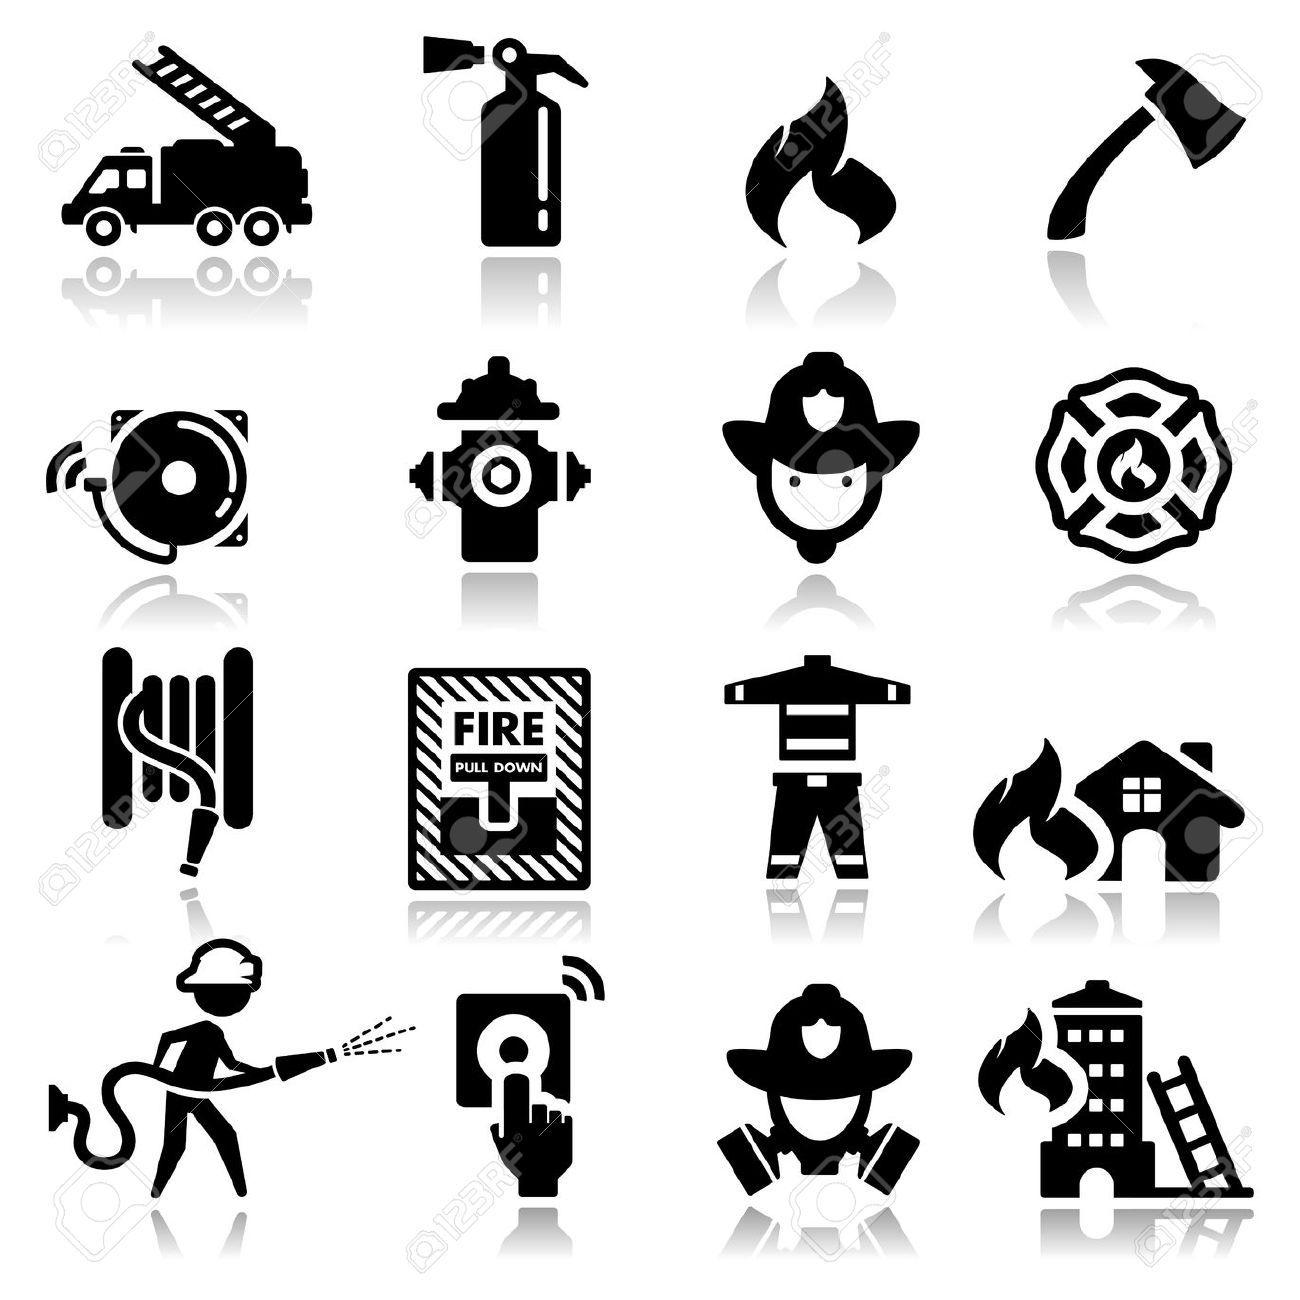 Fire Service Icon Vector